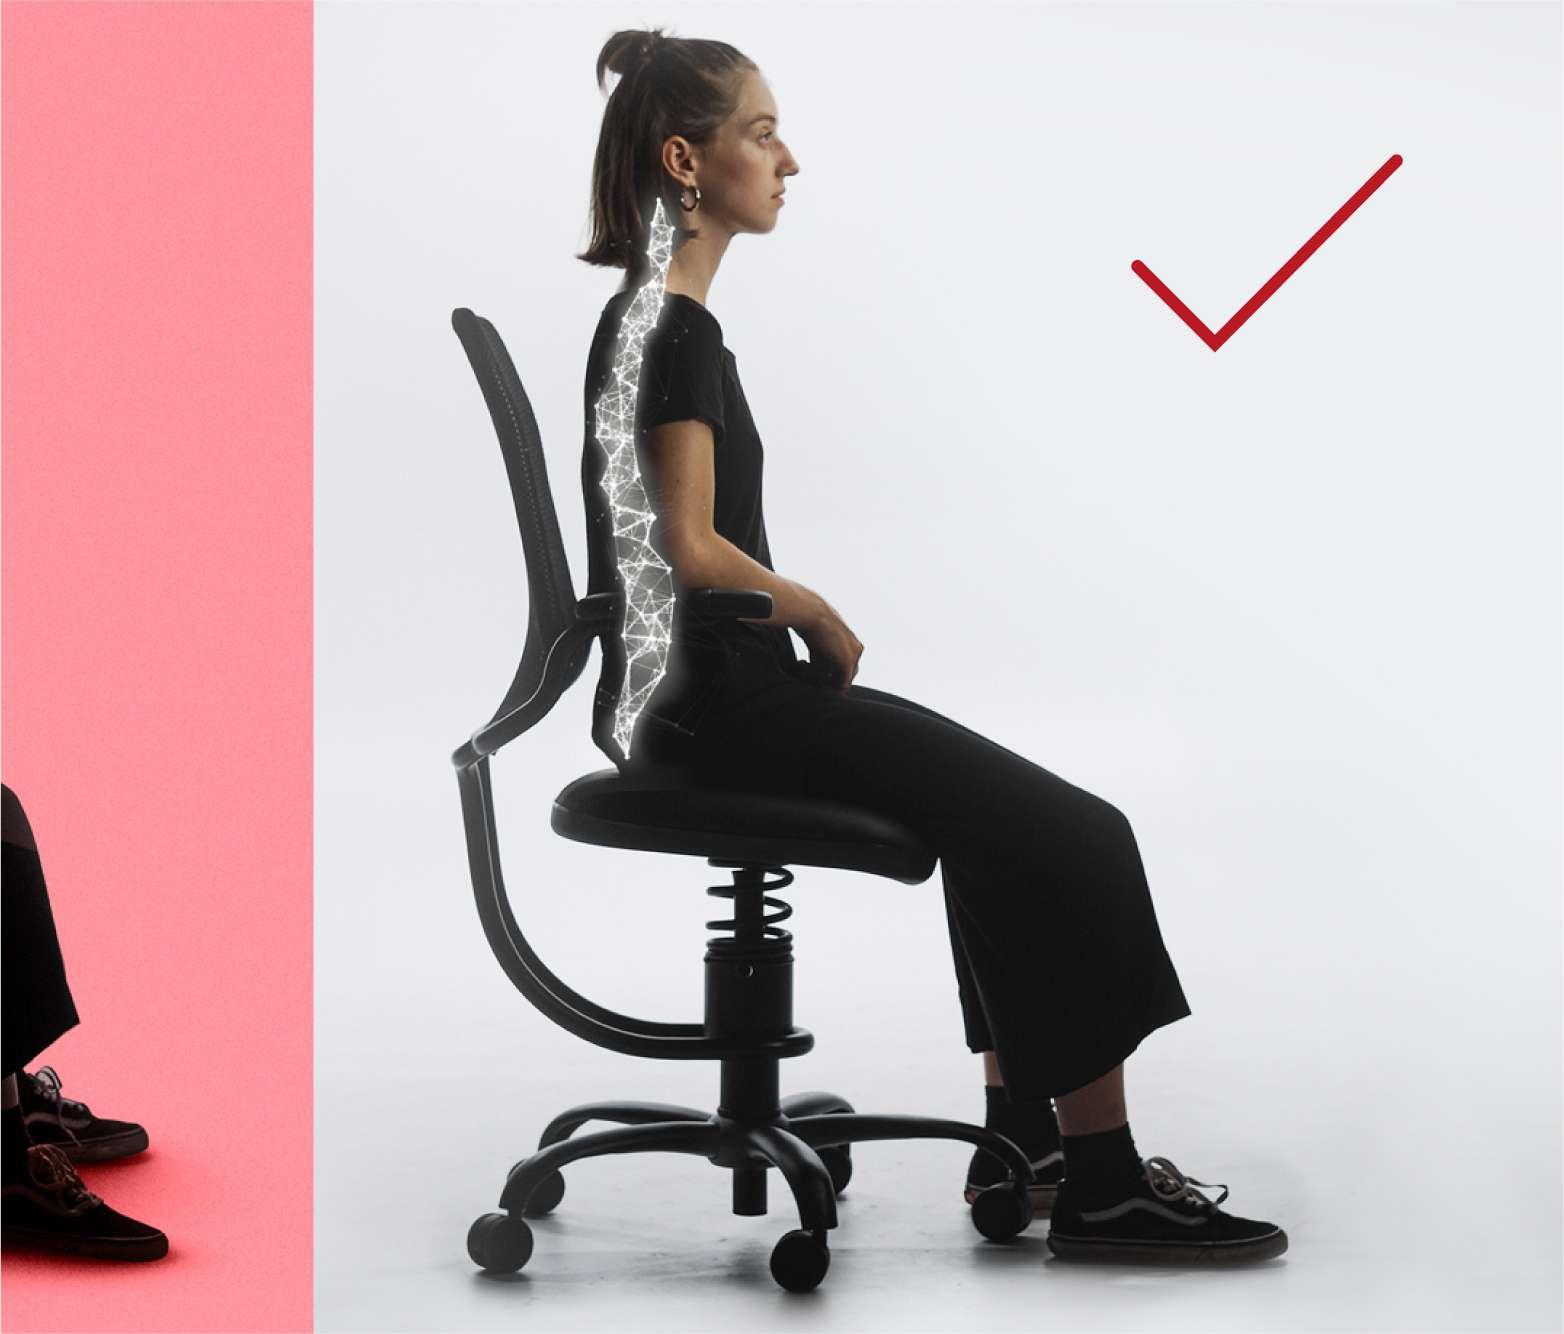 SpinaliS stol omogoča oporo in spodbuja pravilno sedenje, brez napora.